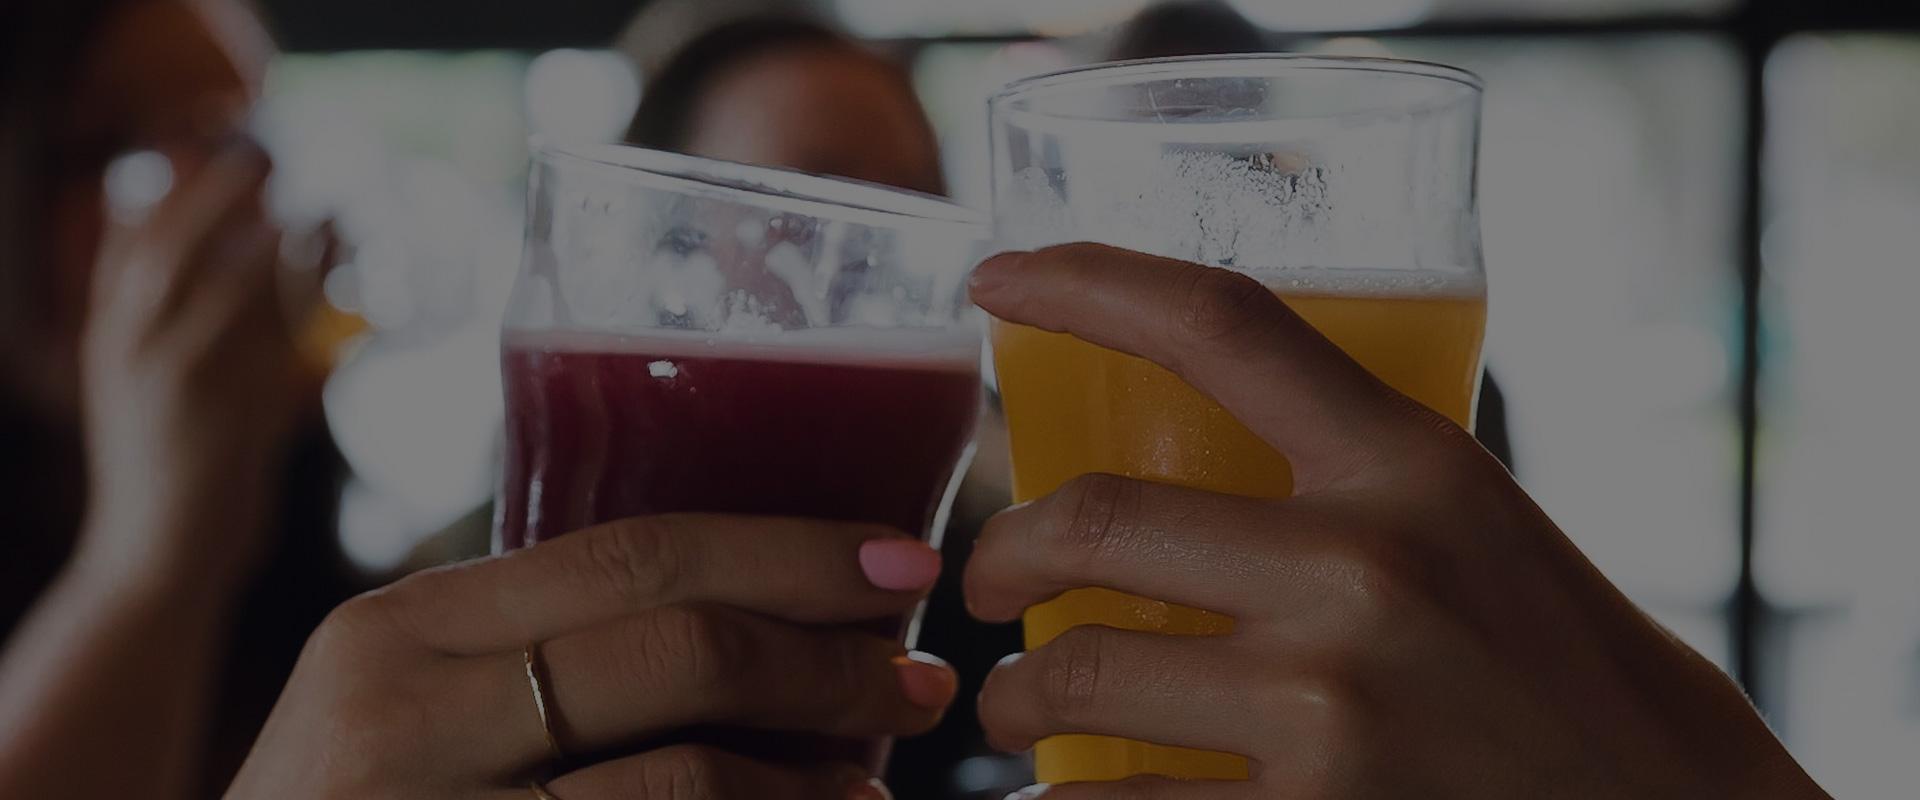 http://biercraft.com/wp-content/uploads/2020/09/biercraft_drinks_01.jpg